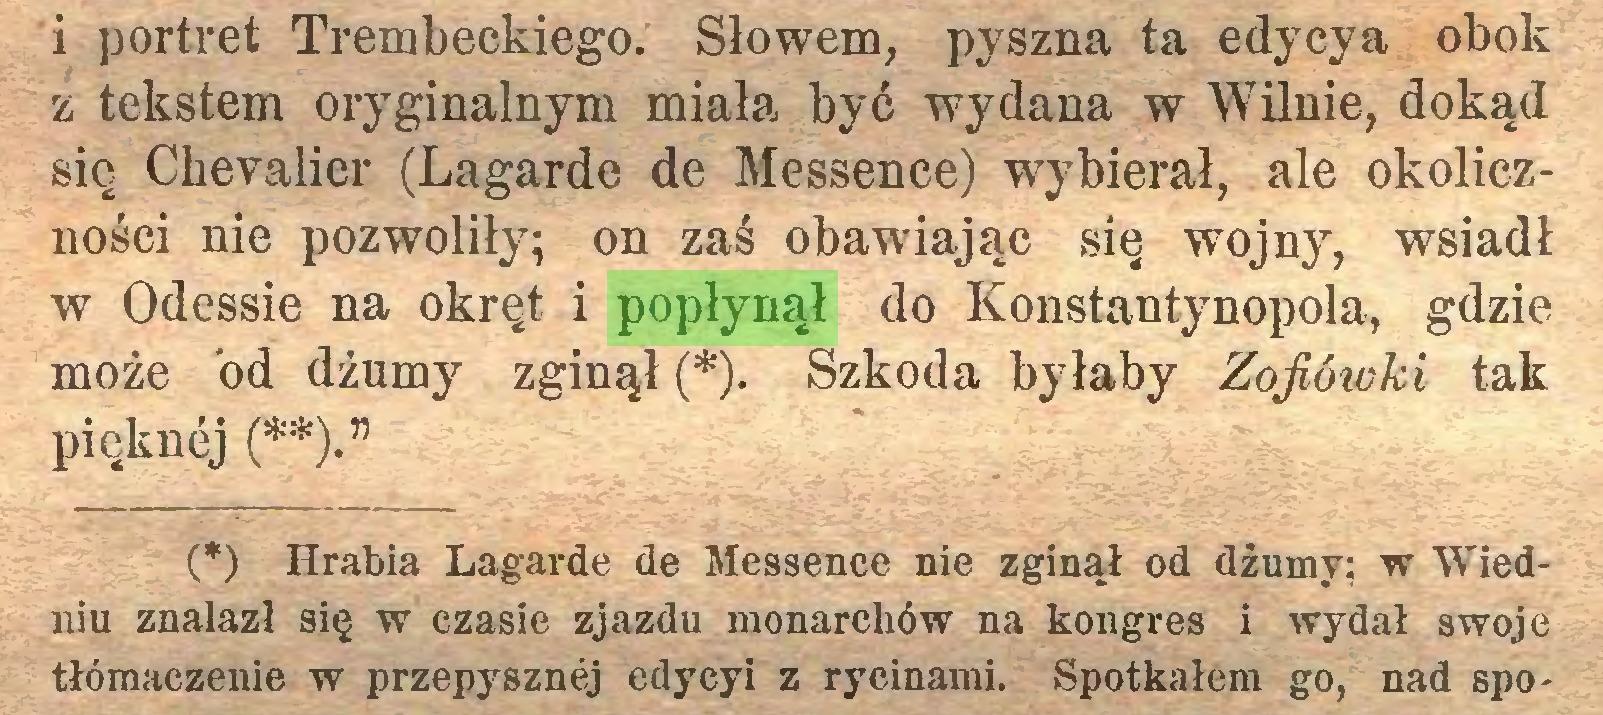 """(...) i portret Trembeckiego. Słowem, pyszna ta edycya obok z tekstem oryginalnym miała być wydana w Wilnie, dokąd się Chevalier (Lagarde de Messence) wybierał, ale okoliczności nie pozwoliły; on zaś obawiając się wojny, wsiadł w Odessie na okręt i popłynął do Konstantynopola, gdzie może od dżumy zginął (*). Szkoda byłaby Zofiówki tak pięknej (**)."""" (*) Hrabia Lagarde de Messence nie zginął od dżumy; w Wiedniu znalazł się w czasie zjazdu monarchów na kongres i wydał swoje tłómaczenie w przepysznej edycyi z rycinami. Spotkałem go, nad spo..."""